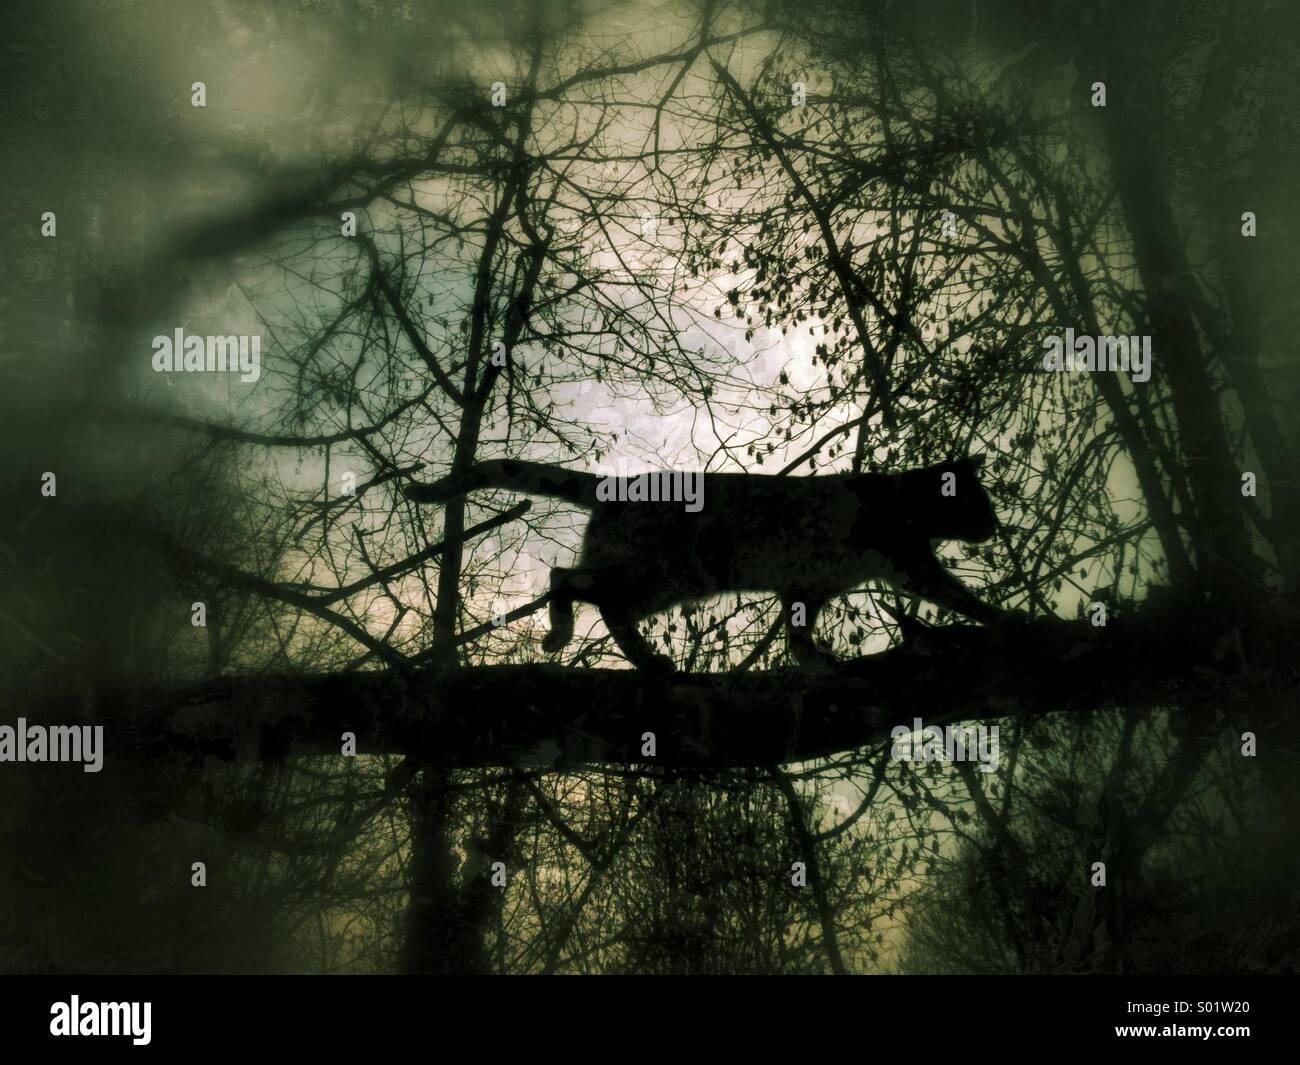 Silhouette einer Katze in einem Baum Stockbild